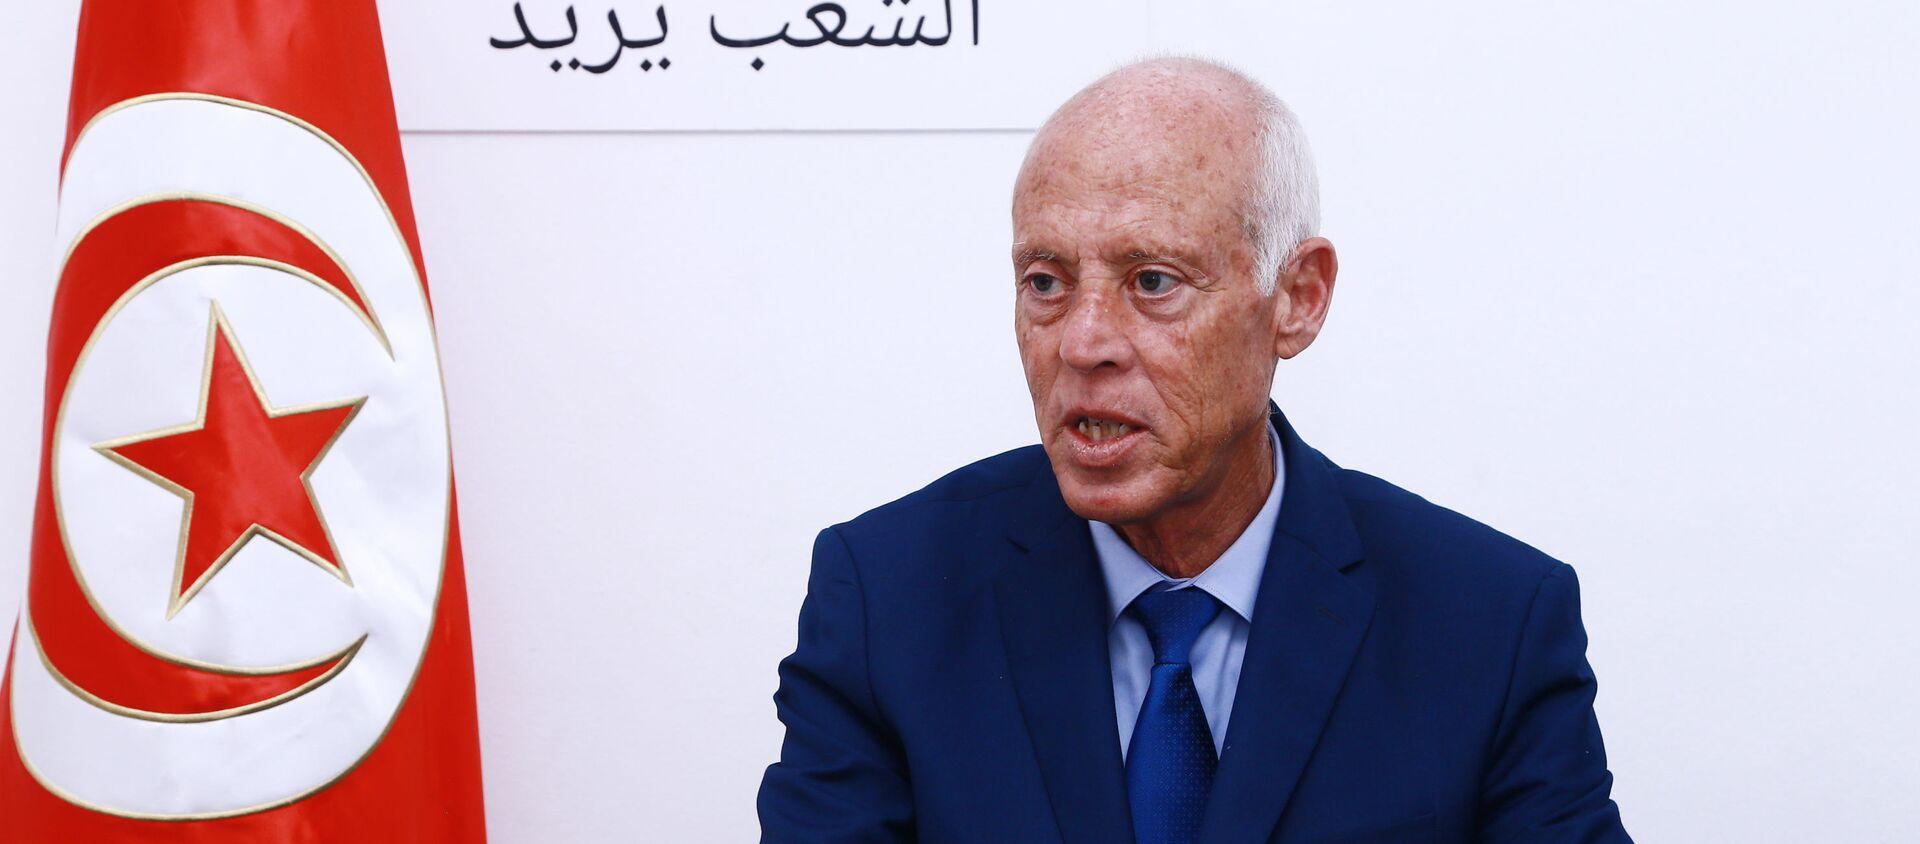 Le candidat indépendant à l'élection présidentielle tunisienne Kaïs Saïed  - Sputnik France, 1920, 15.10.2019